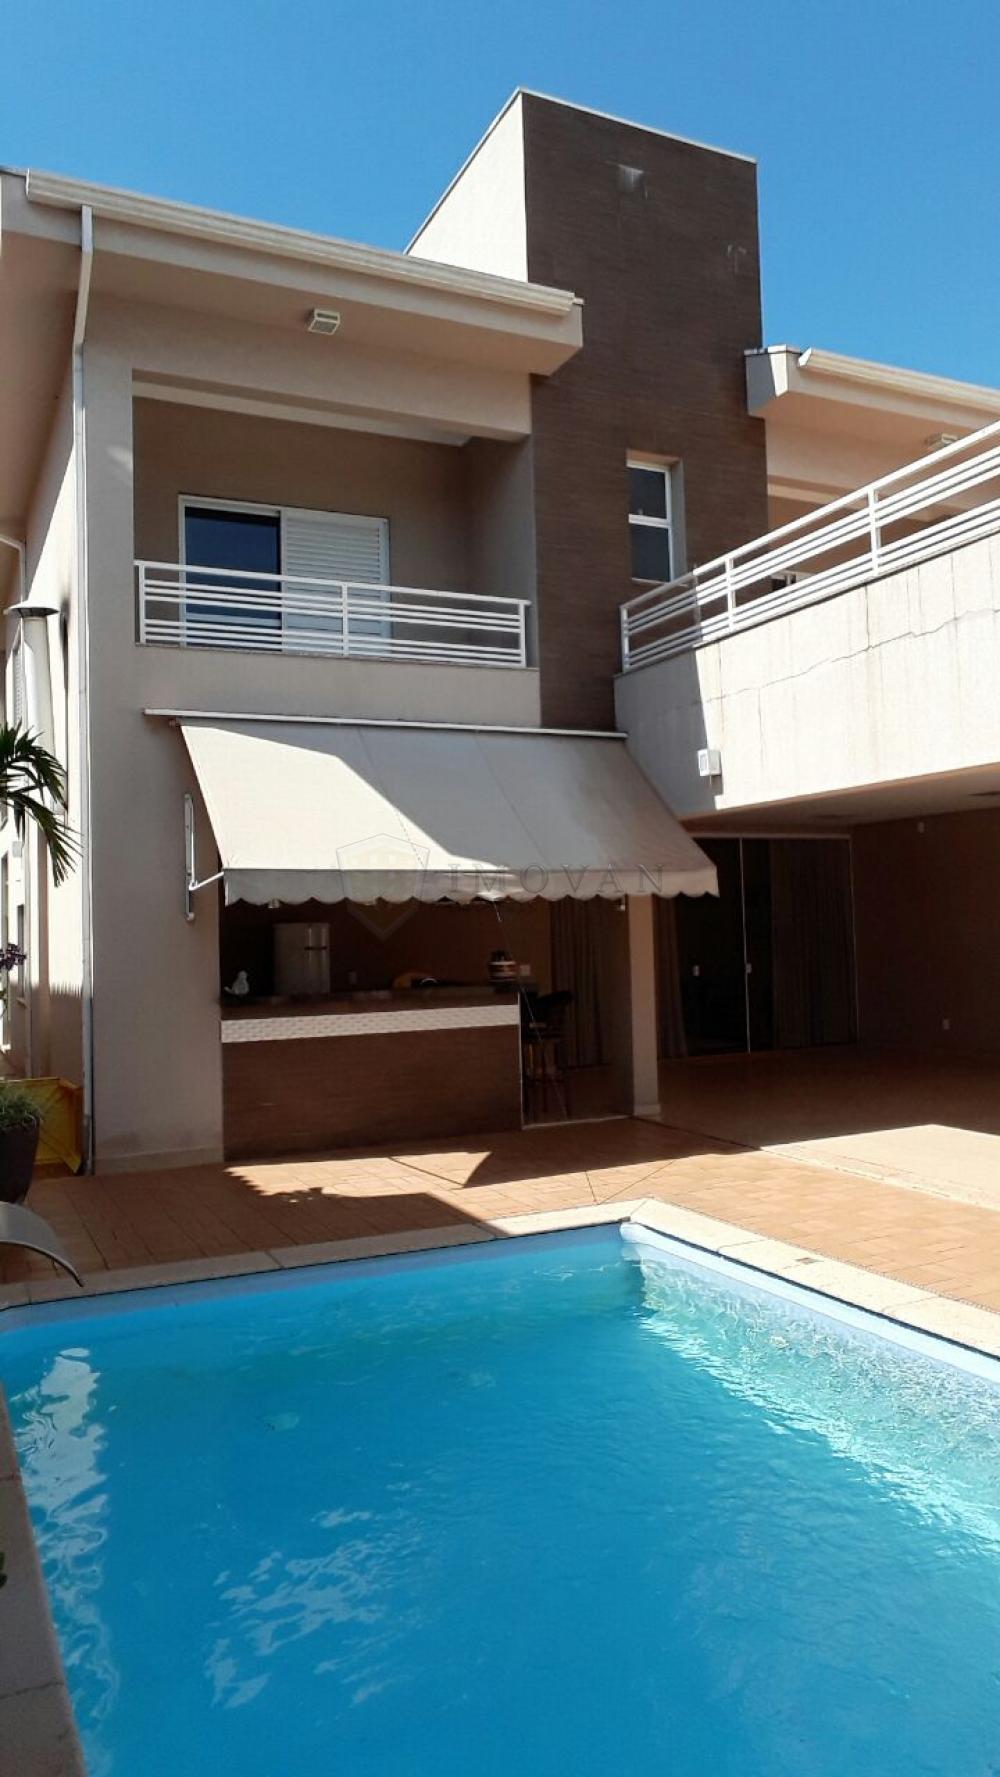 Comprar Casa / Sobrado em Ribeirão Preto R$ 885.000,00 - Foto 14